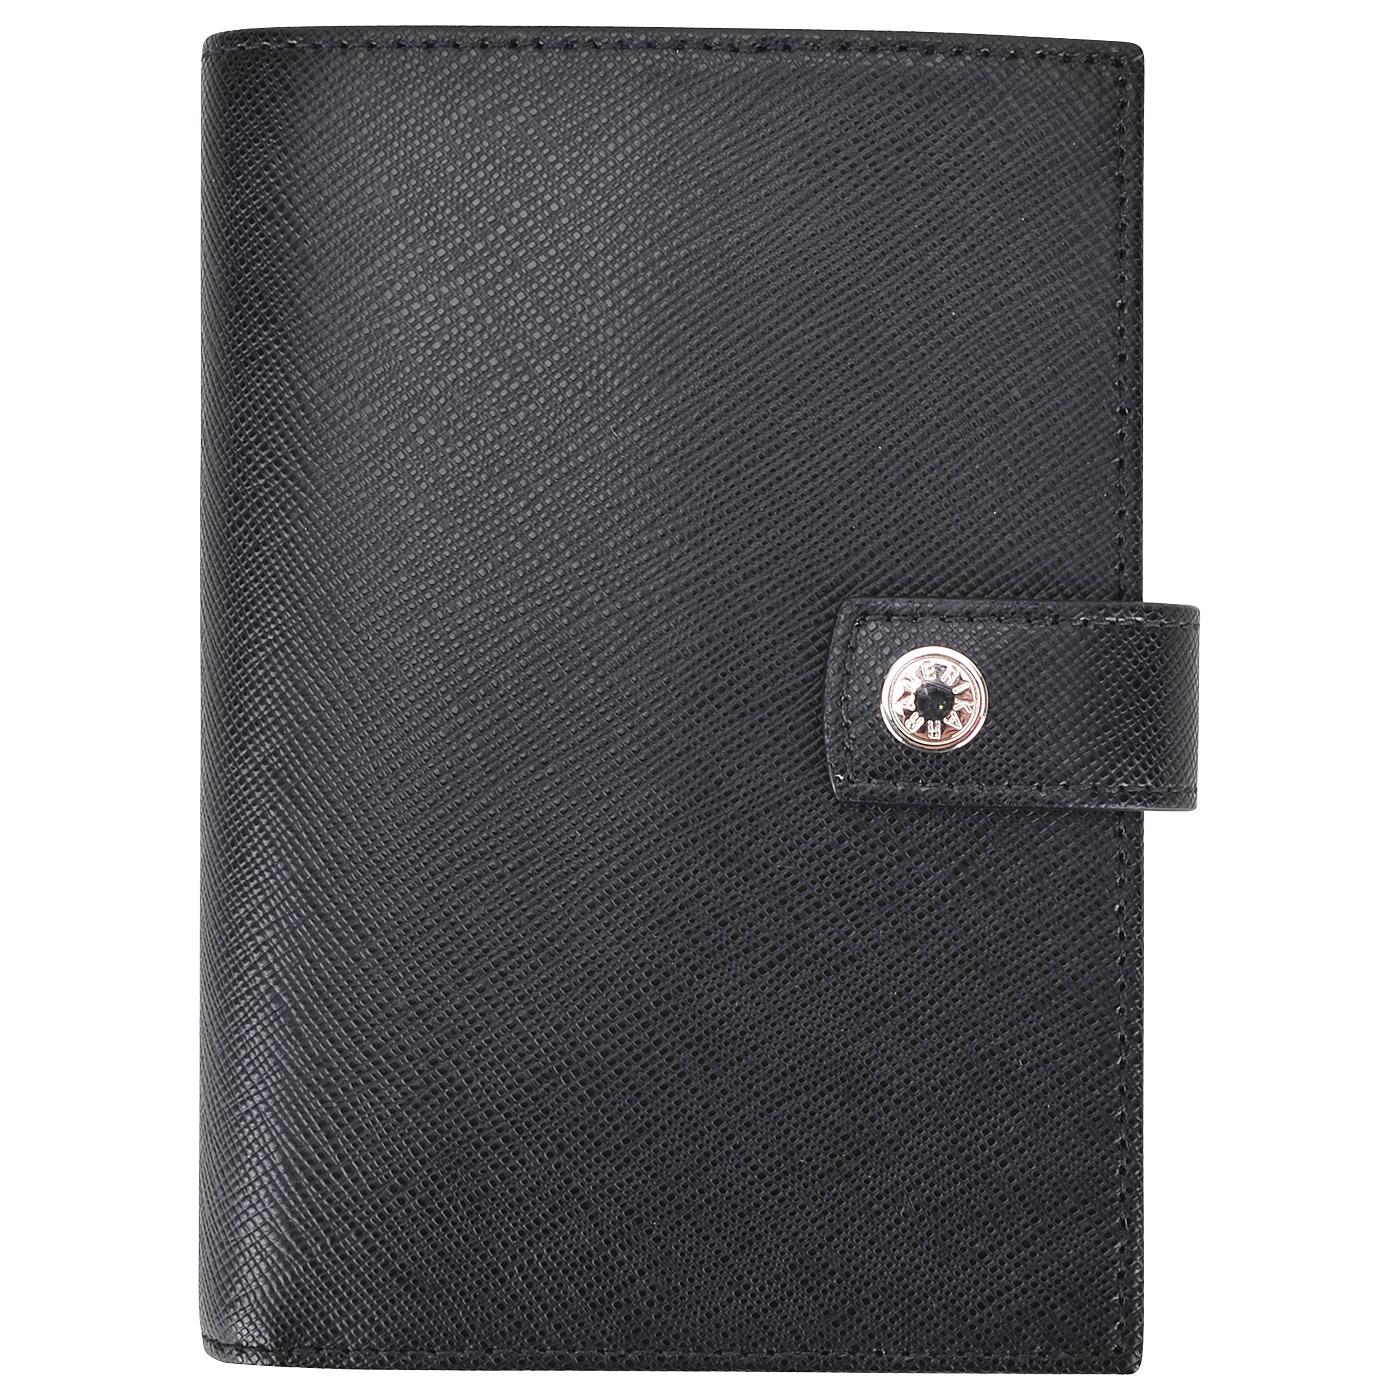 Портмоне + Обложка для паспорта и автодокументов от Пан Чемодан